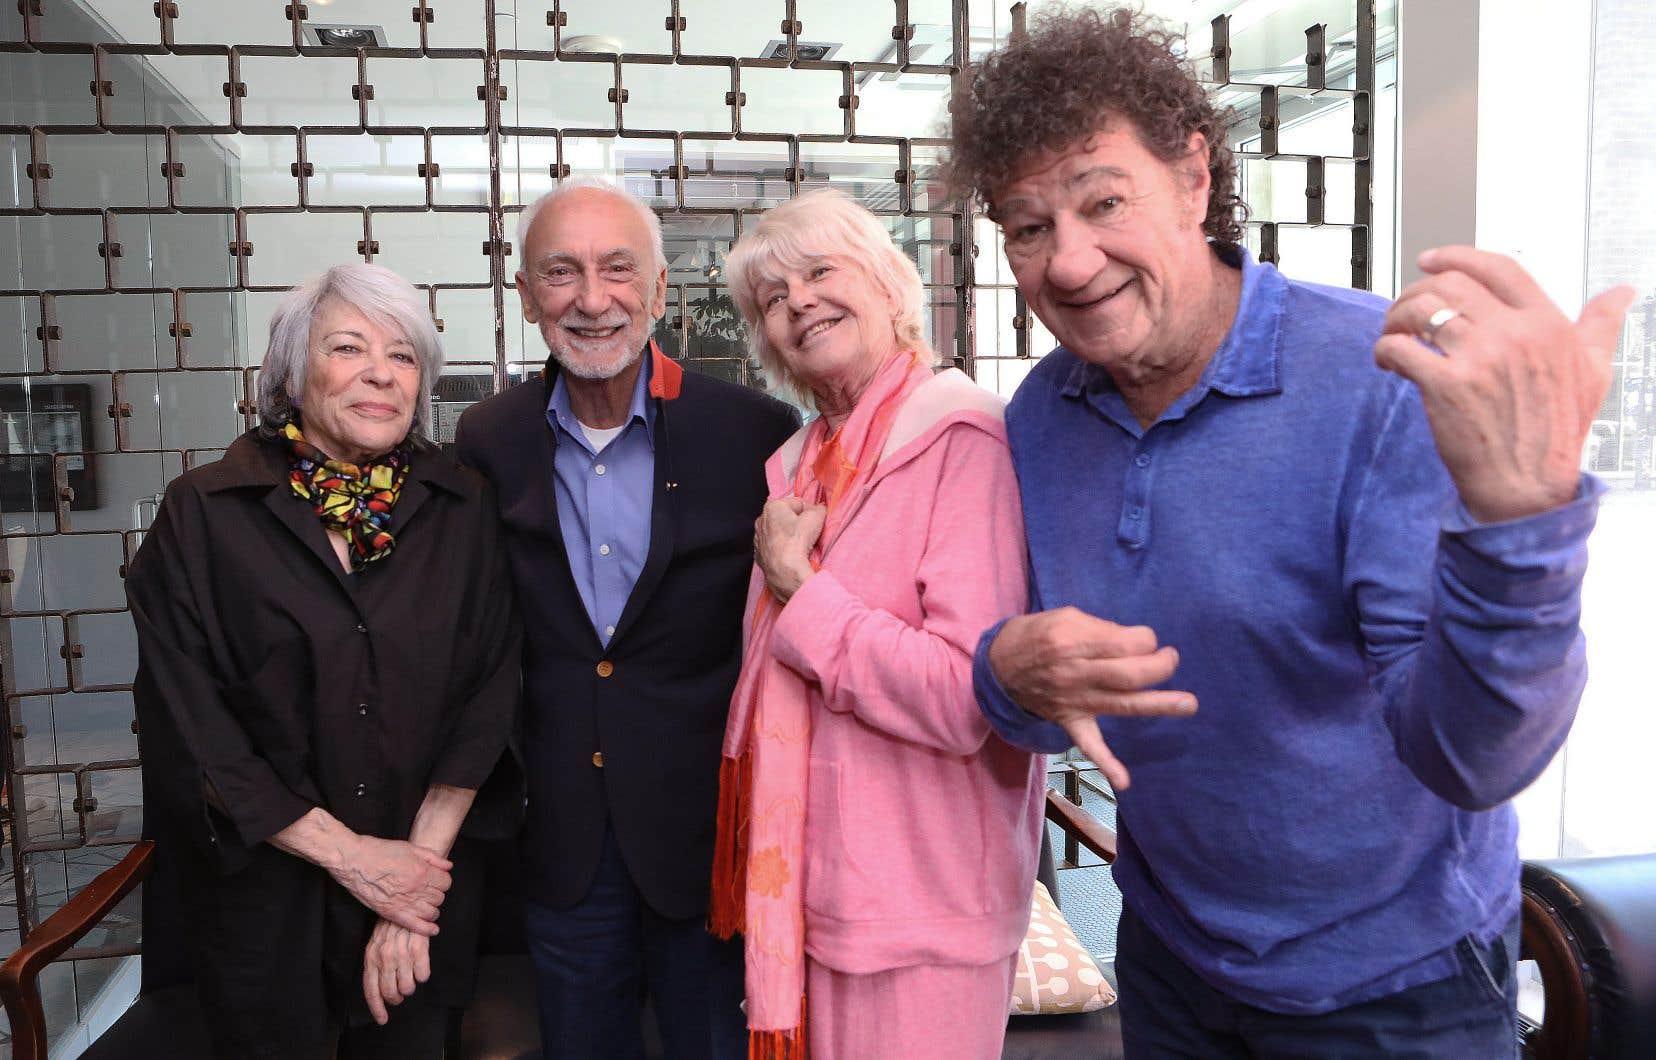 Louise Forestier, Yvon Deschamps, Mouffe et Robert Charlebois était réunis au Quat'Sous pour l'occasion.